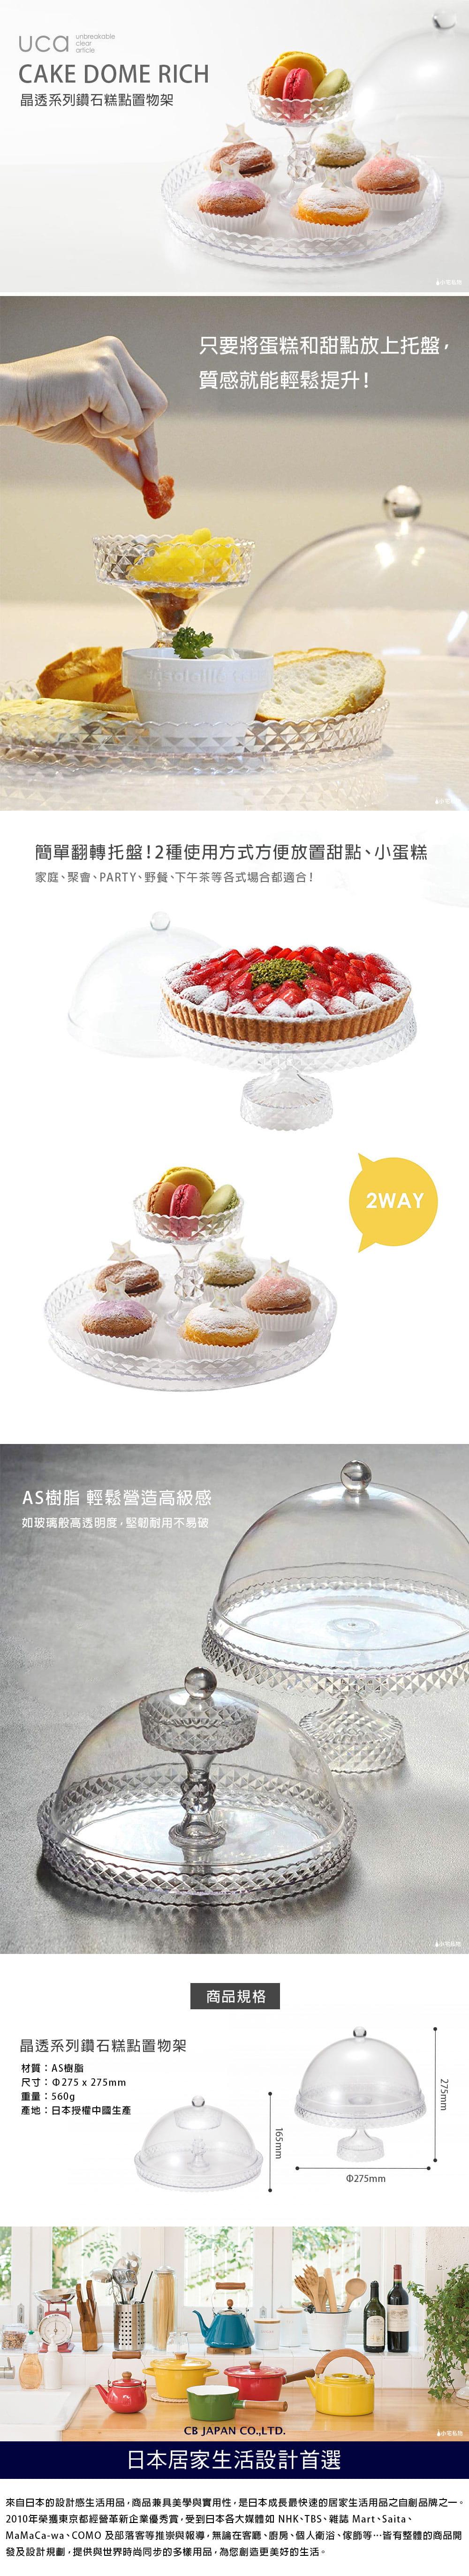 CB Japan 晶透系列鑽石糕點置物架